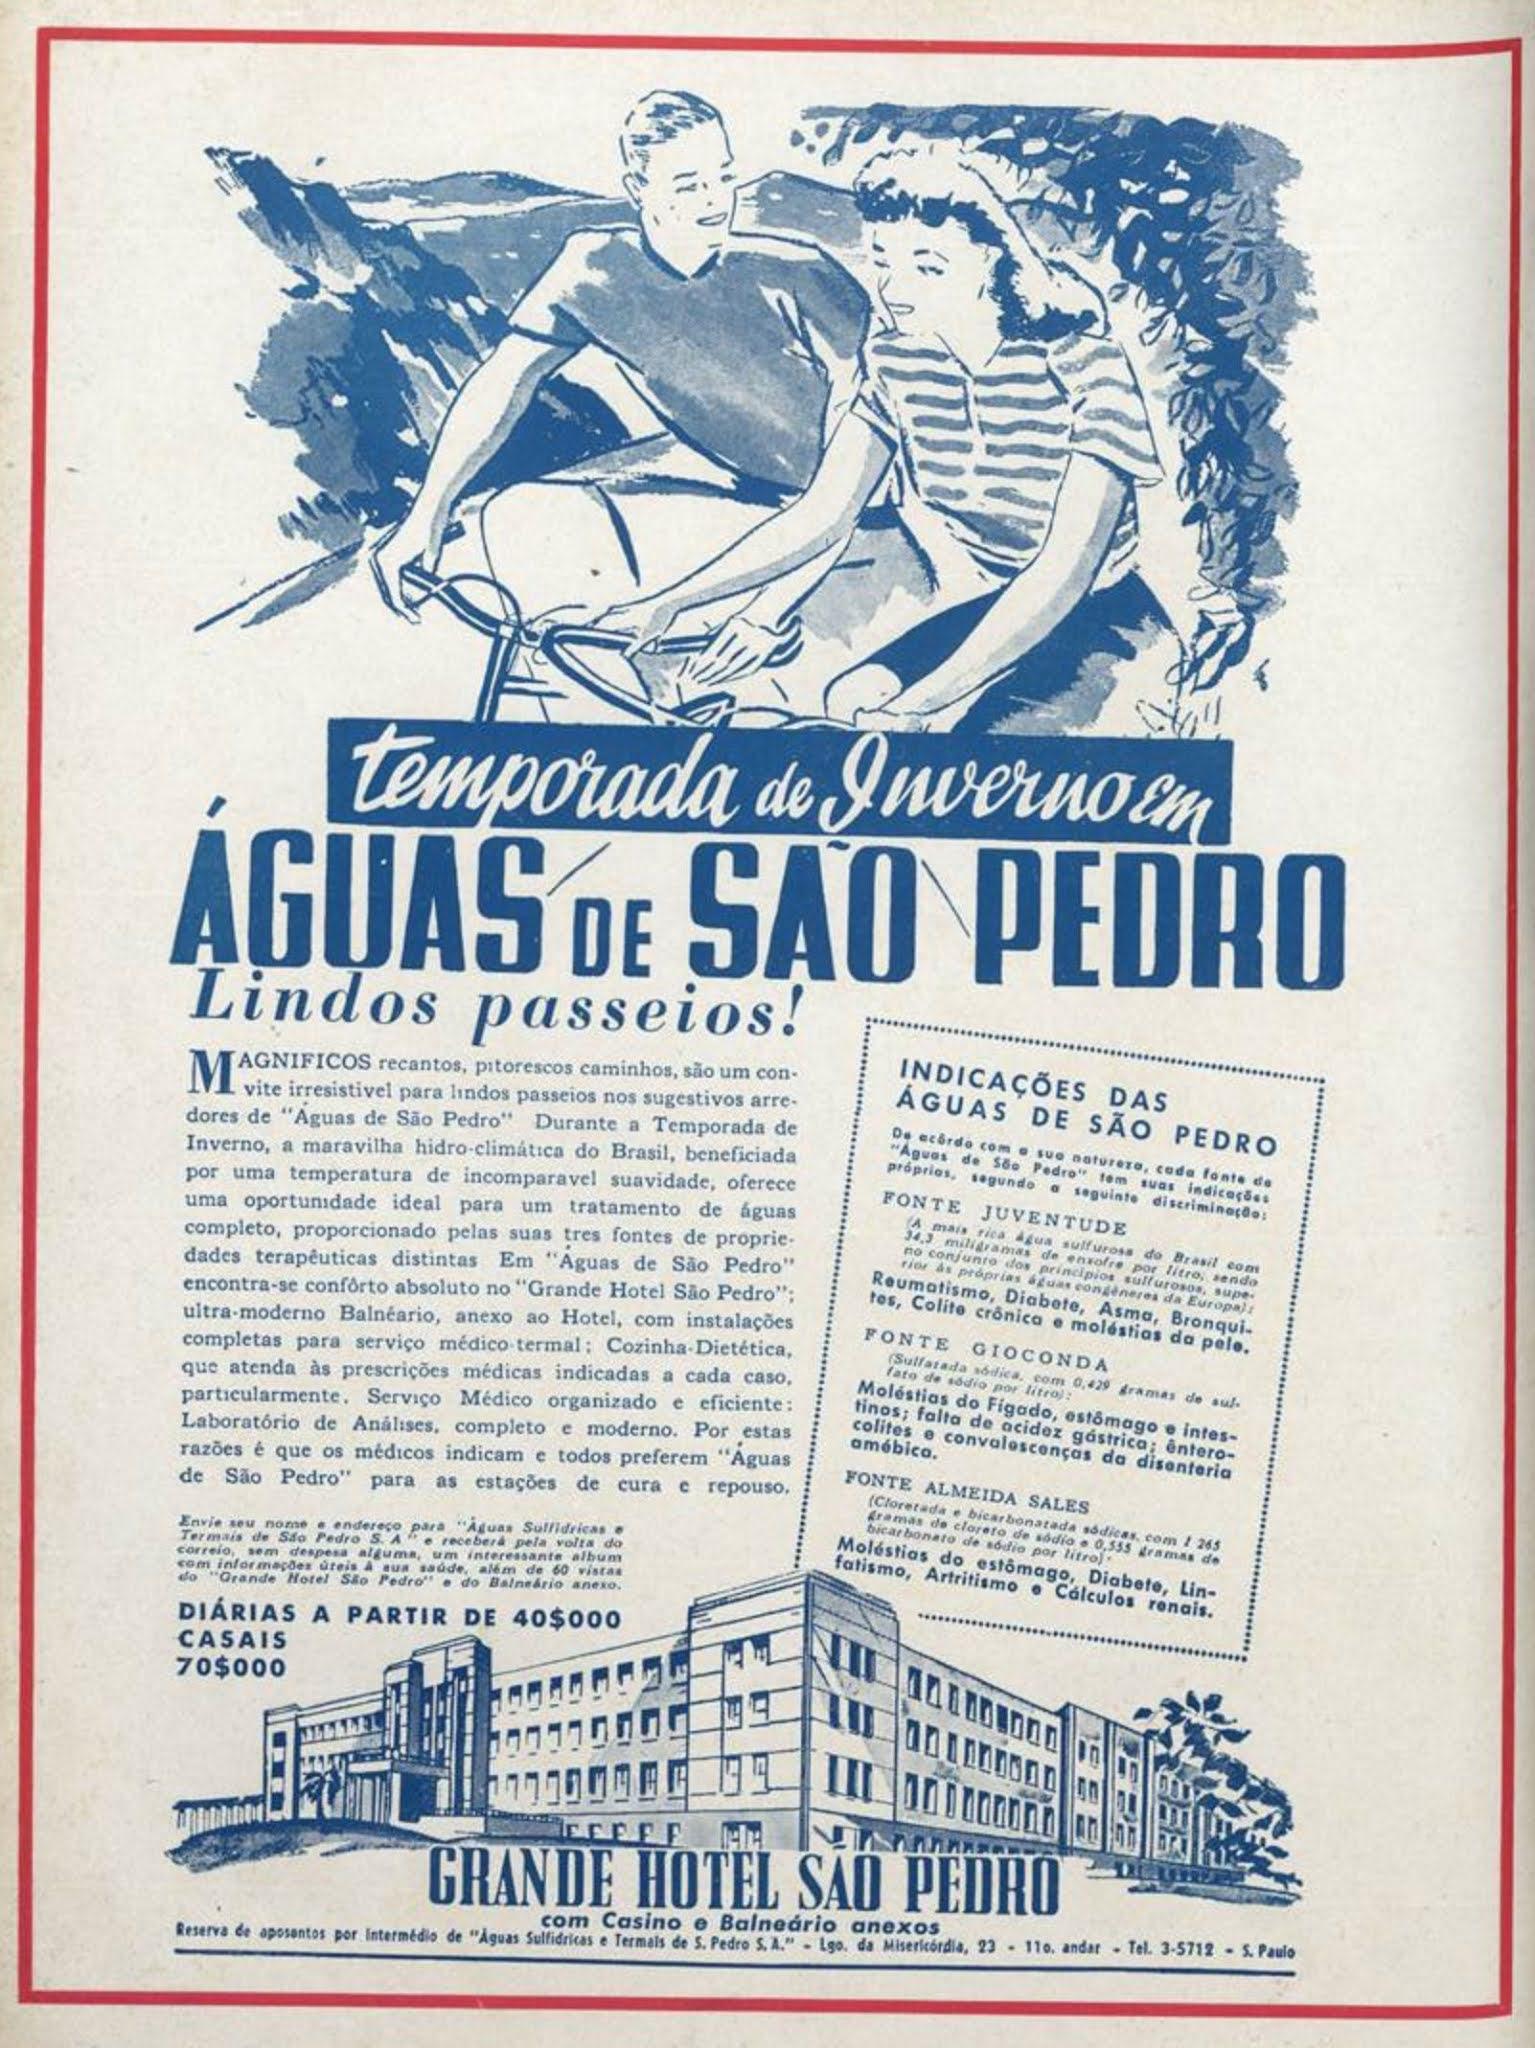 Anúncio de 1941 promovendo as instalações do Grande Hotel São Pedro, no interior de São Paulo